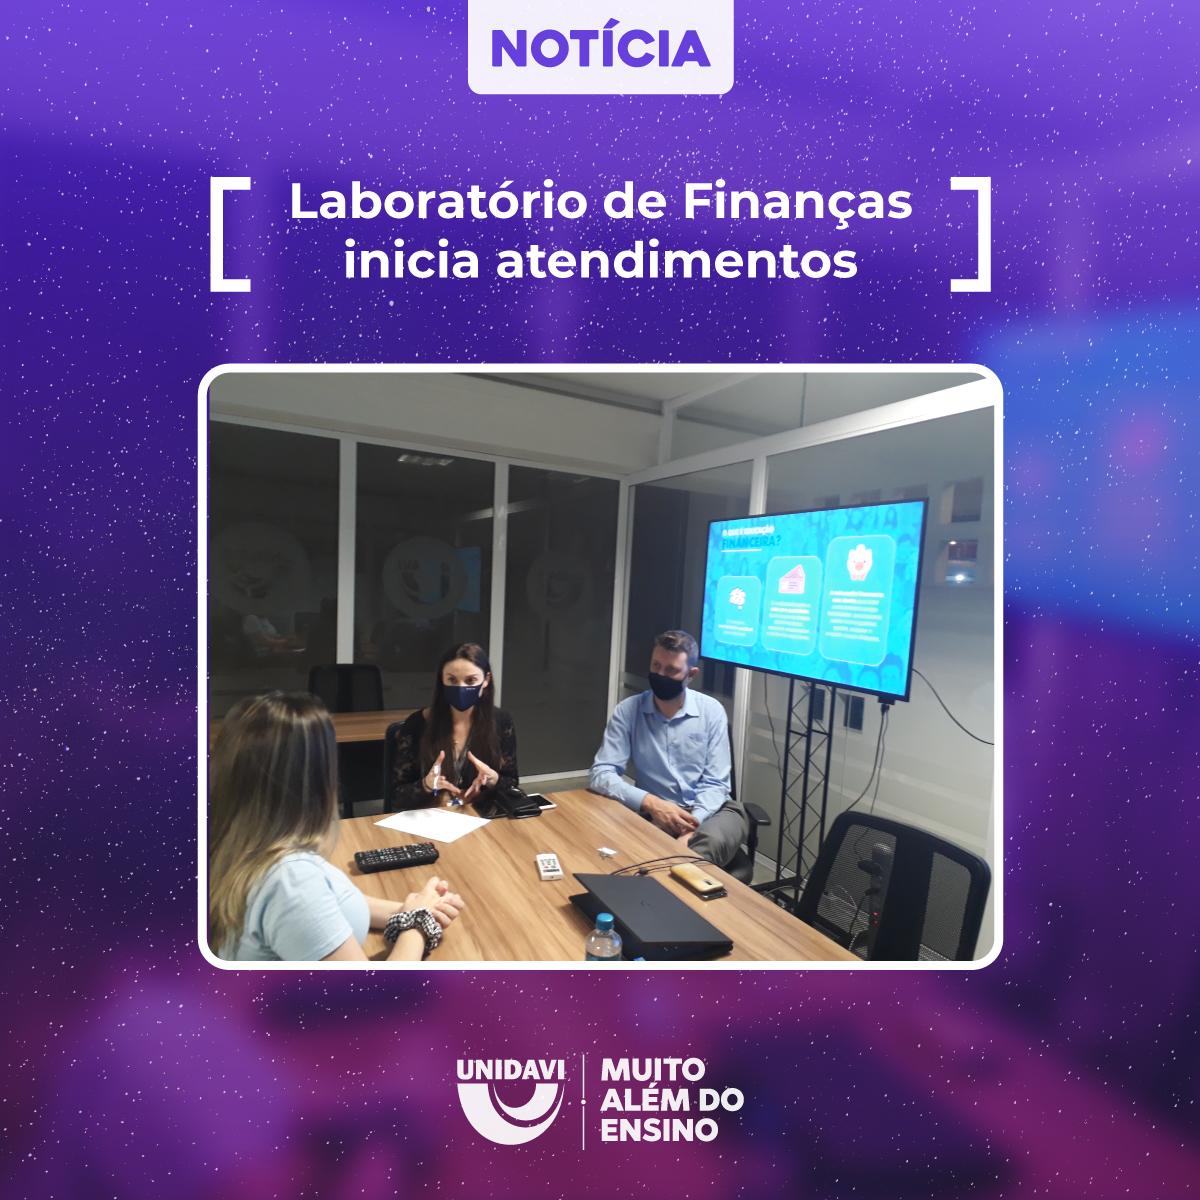 Laboratório de Finanças inicia atendimentos